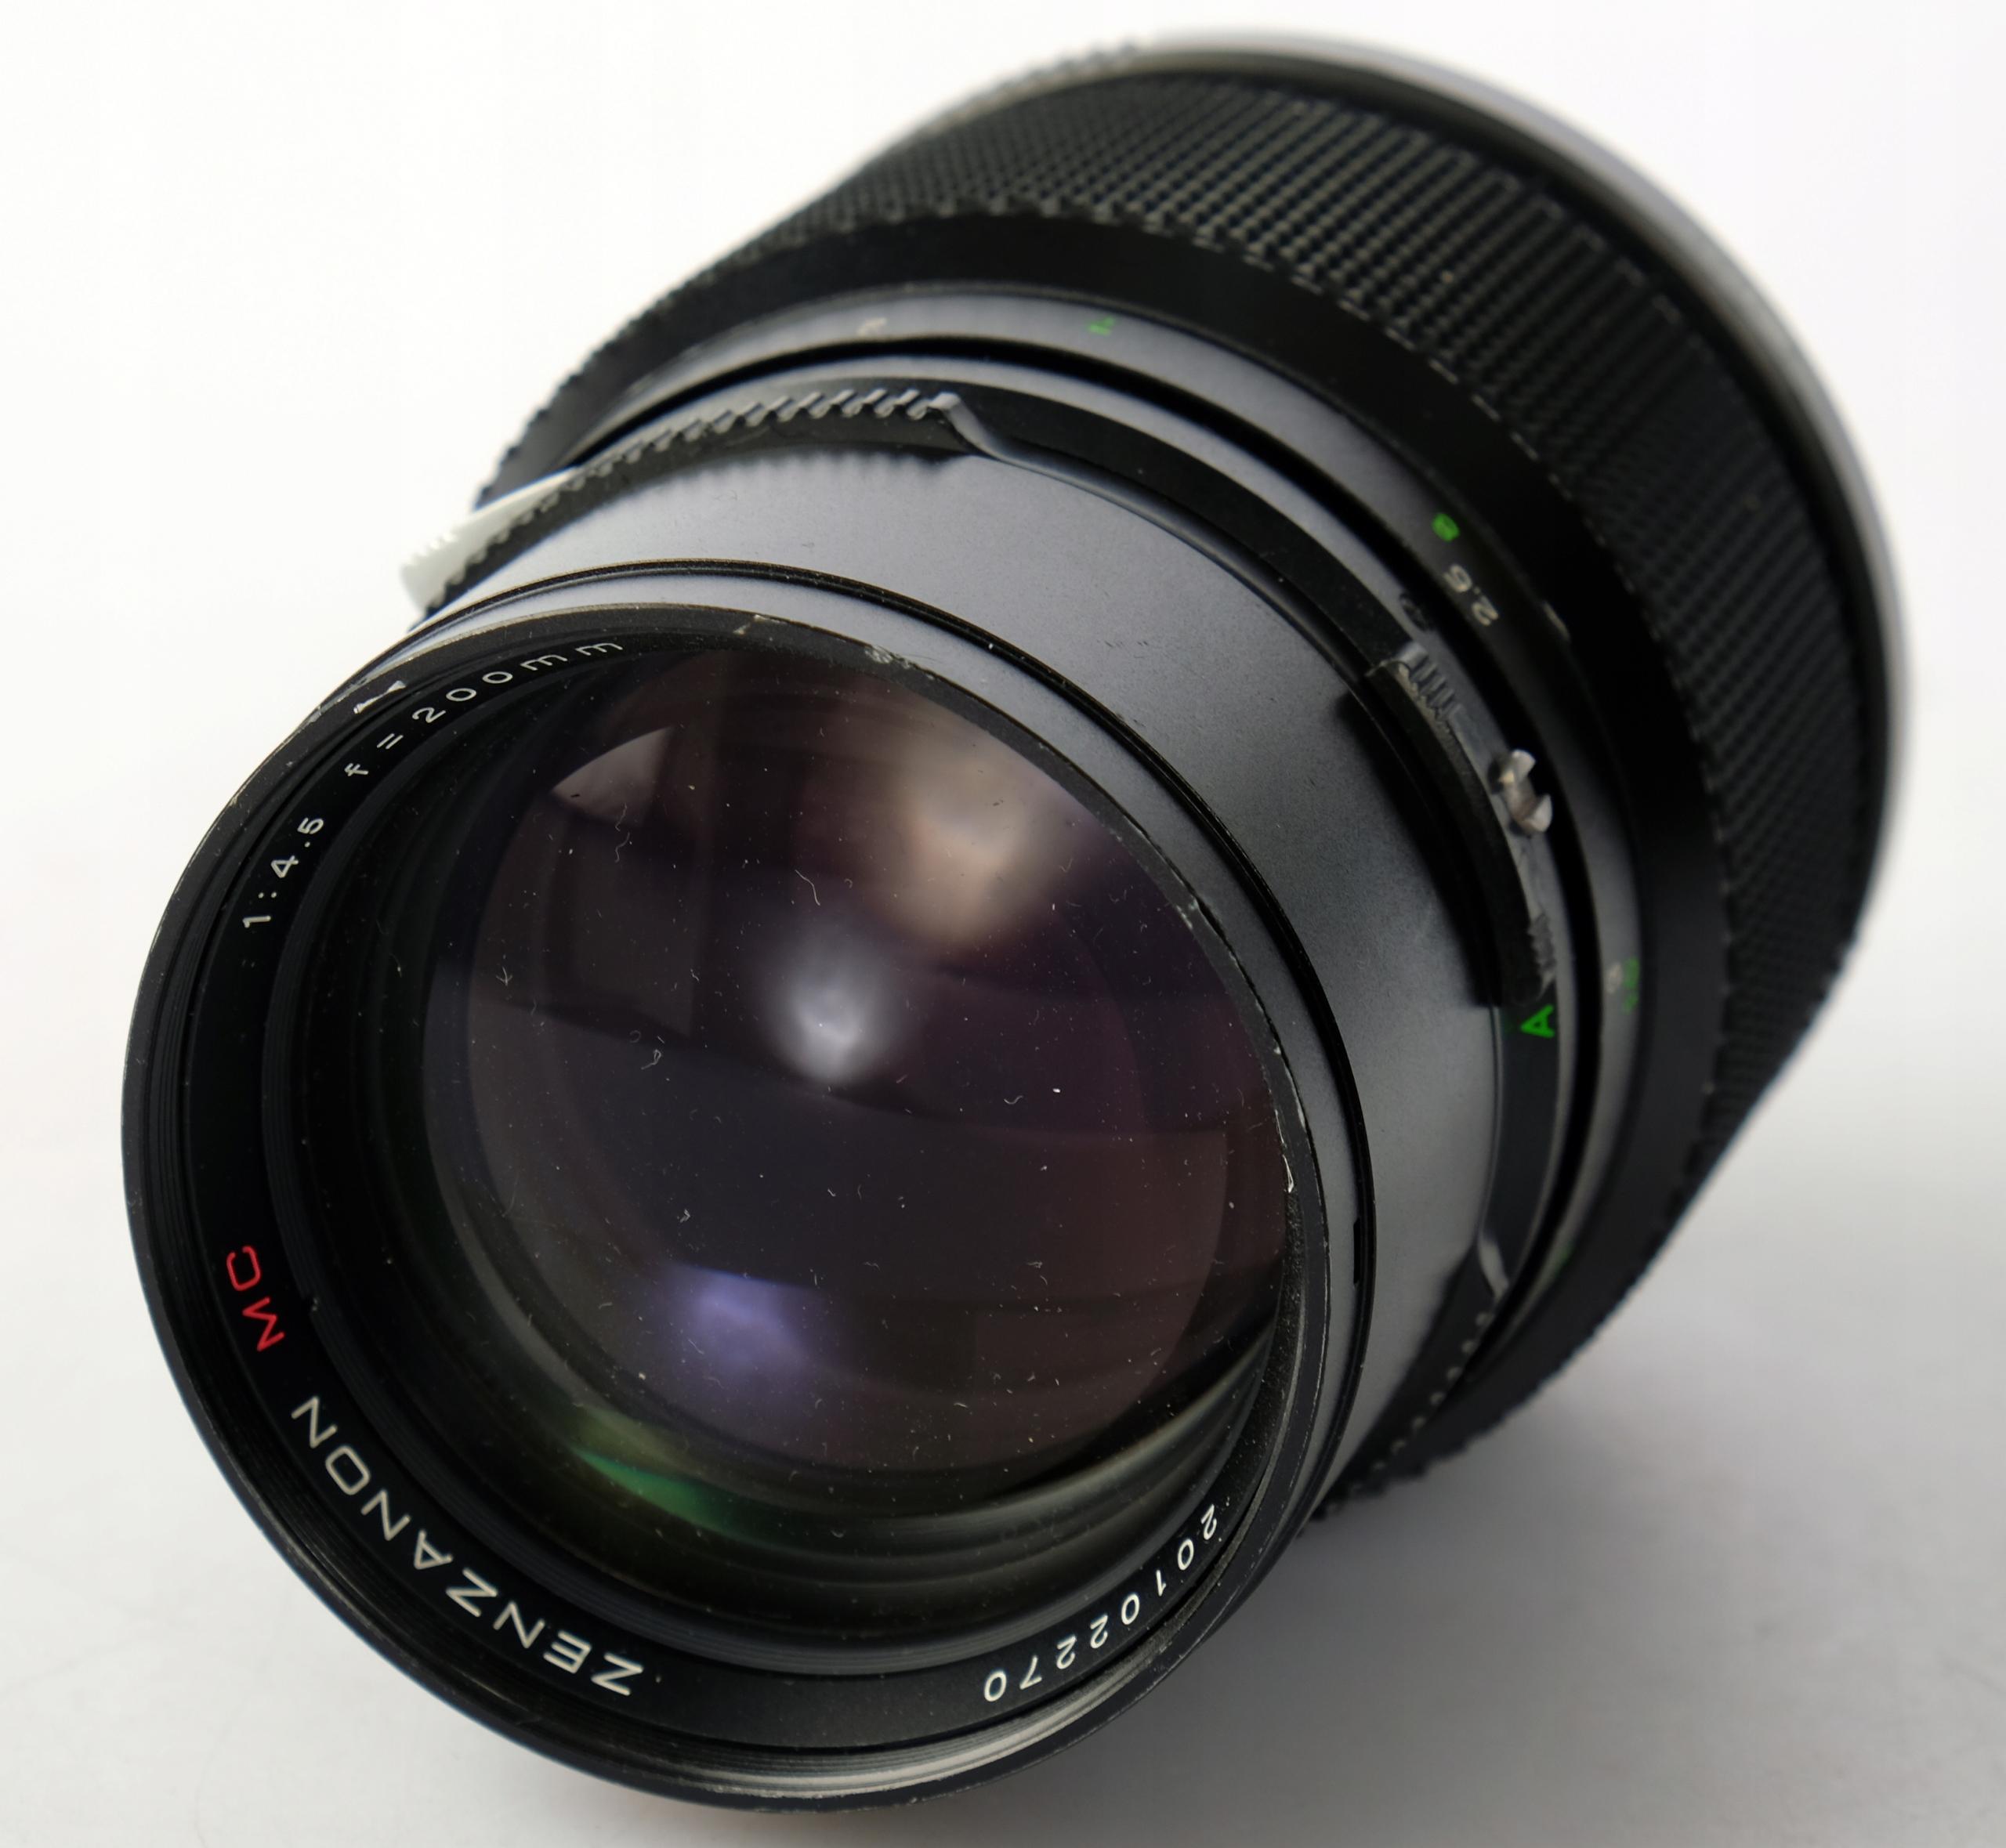 Bronica Zenza 200mm / 4.5 MC